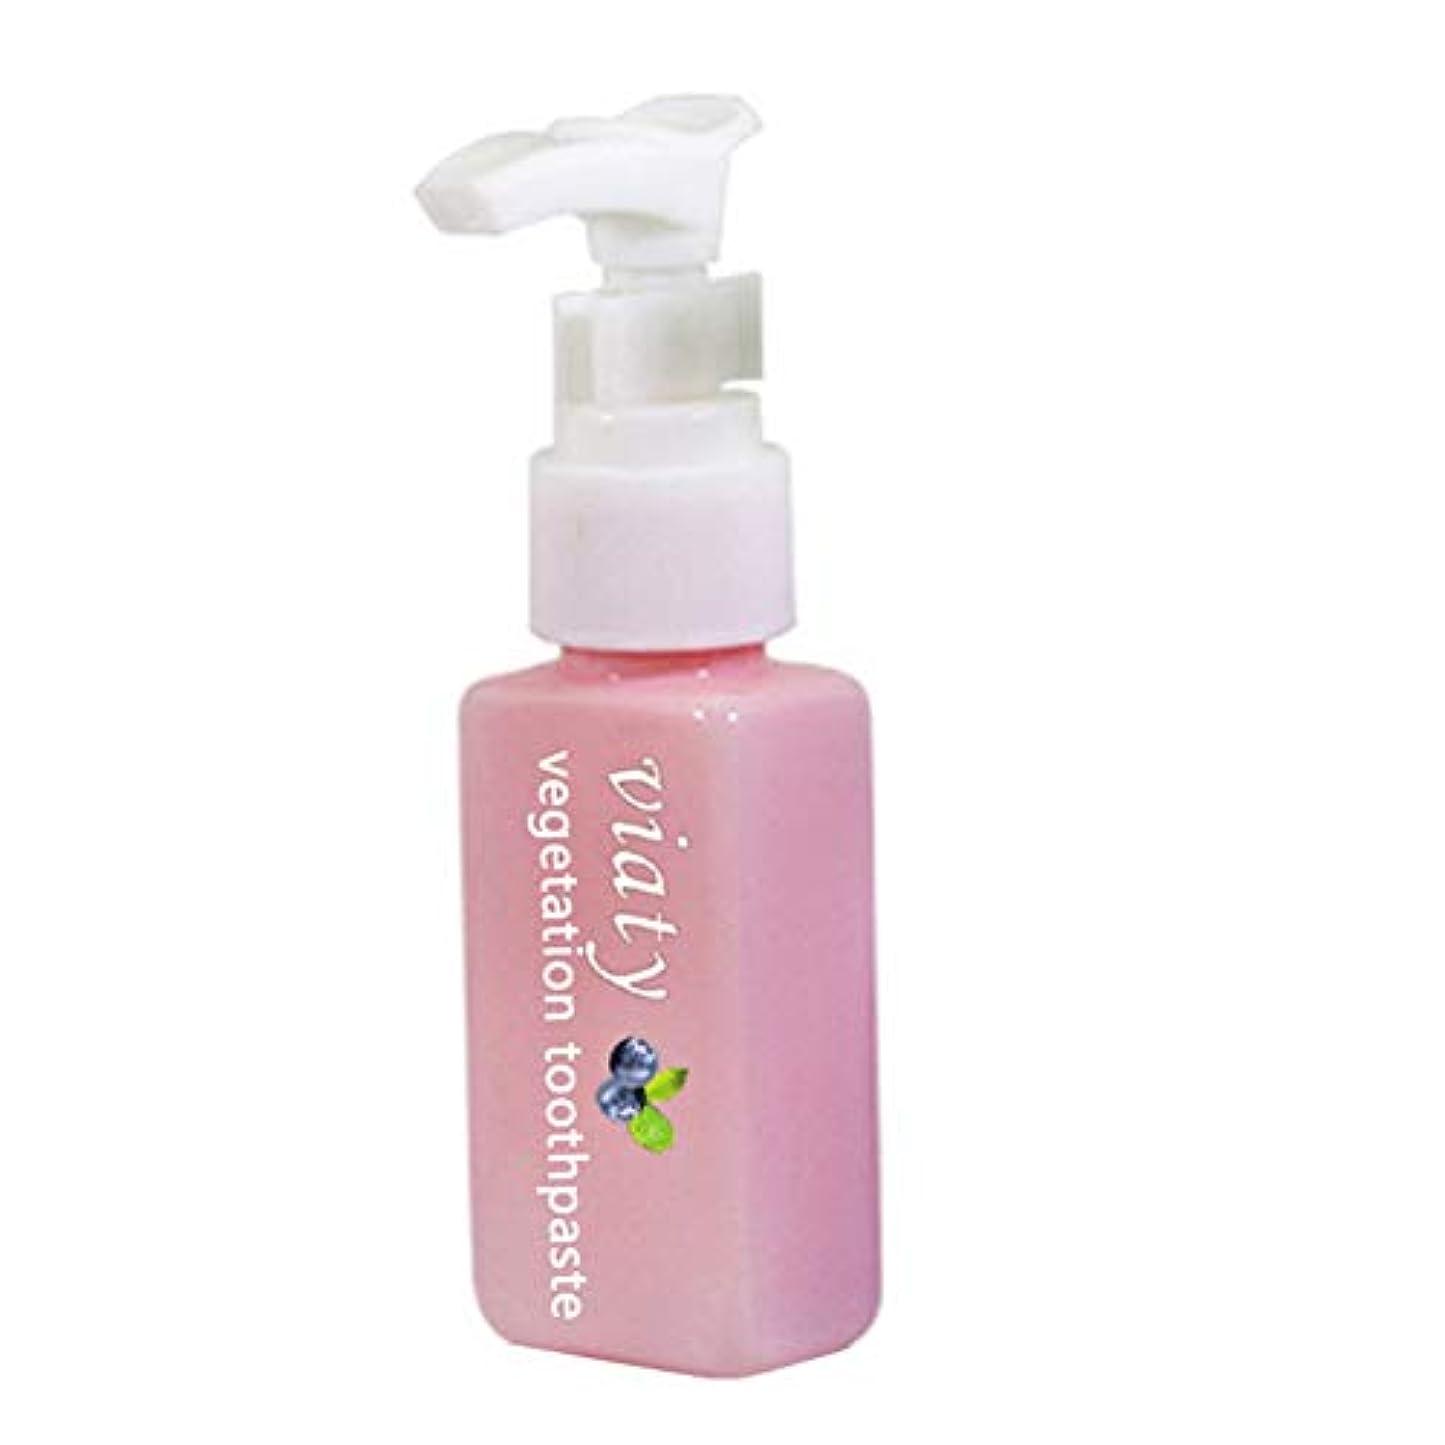 Aylincool歯磨き粉アンチブリードガムプレスタイプ新鮮な歯磨き粉を白くする汚れ除去剤